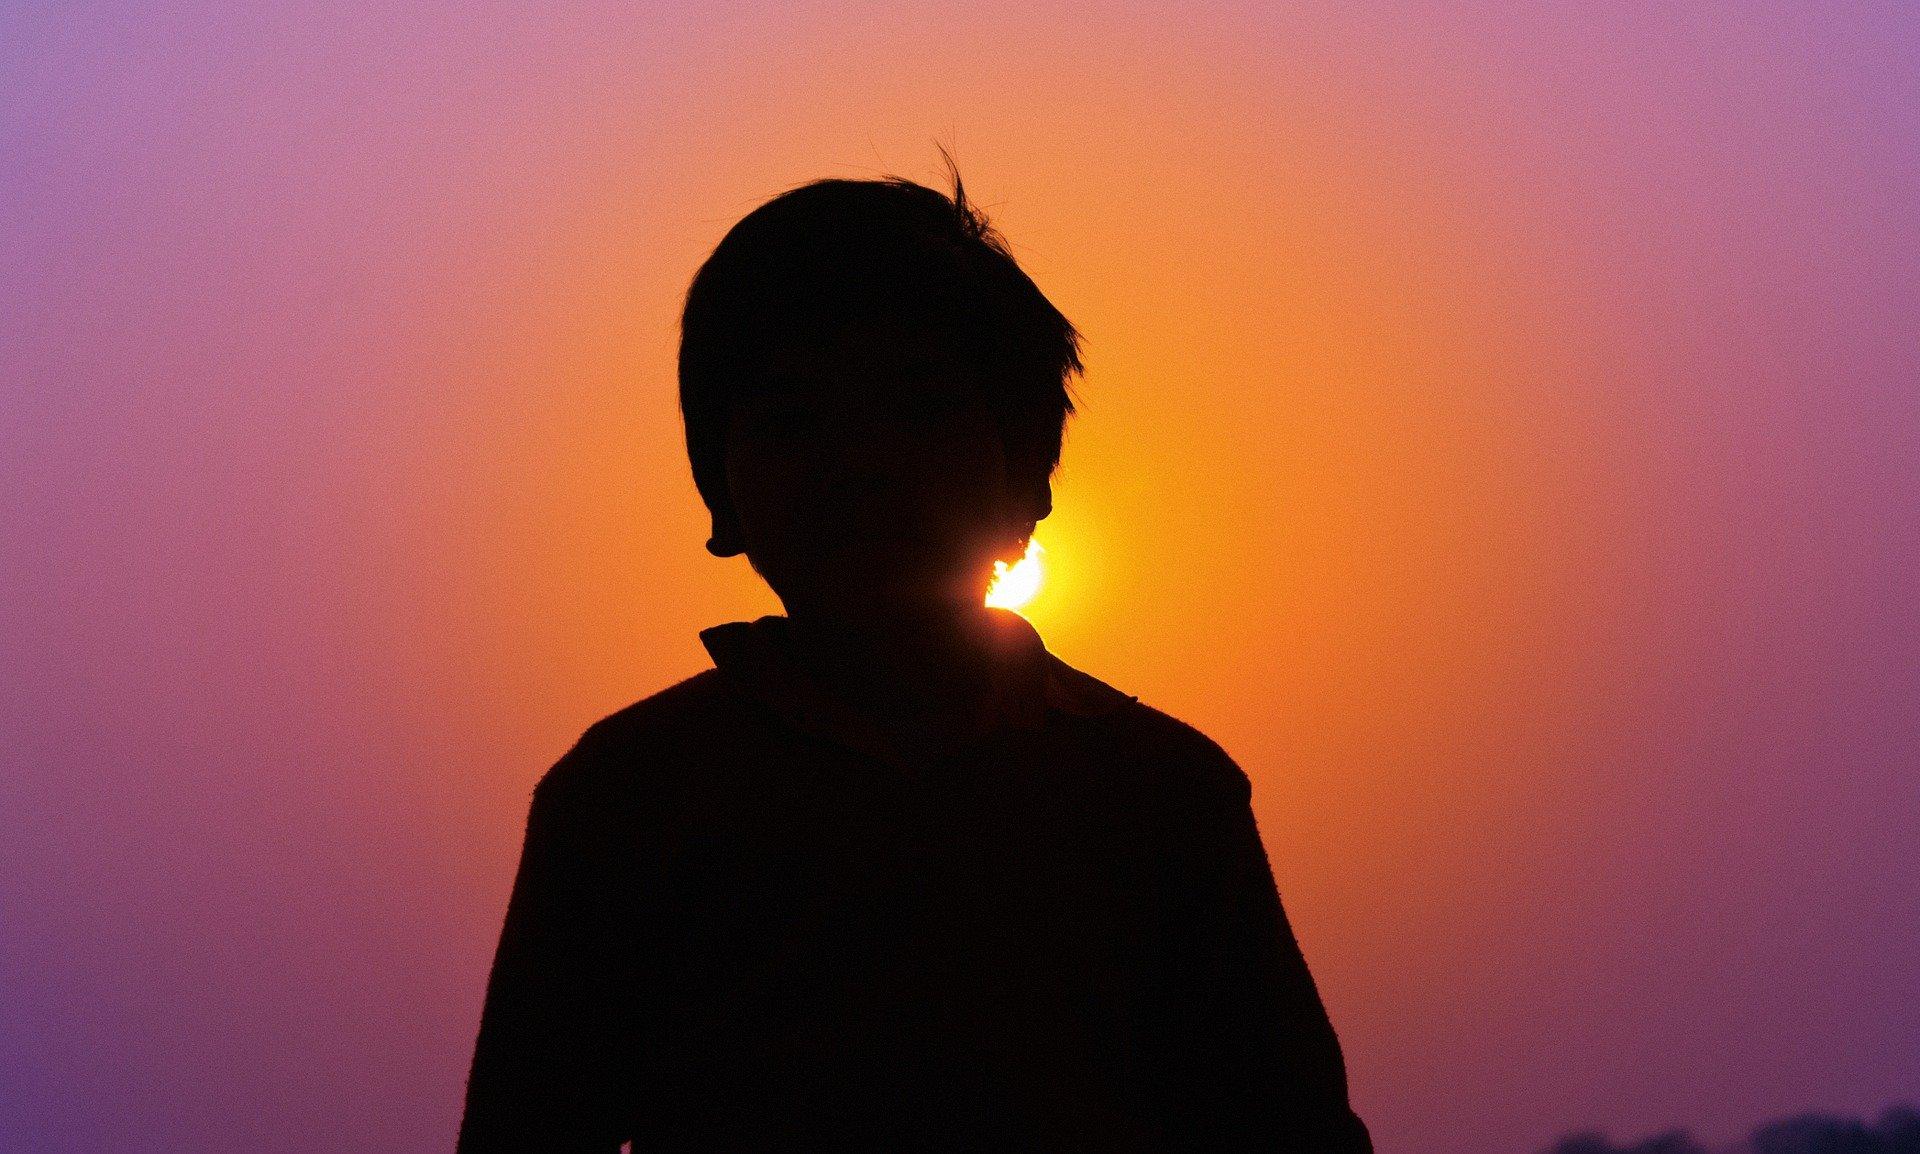 bambino in ombra davanti ad un tramonto